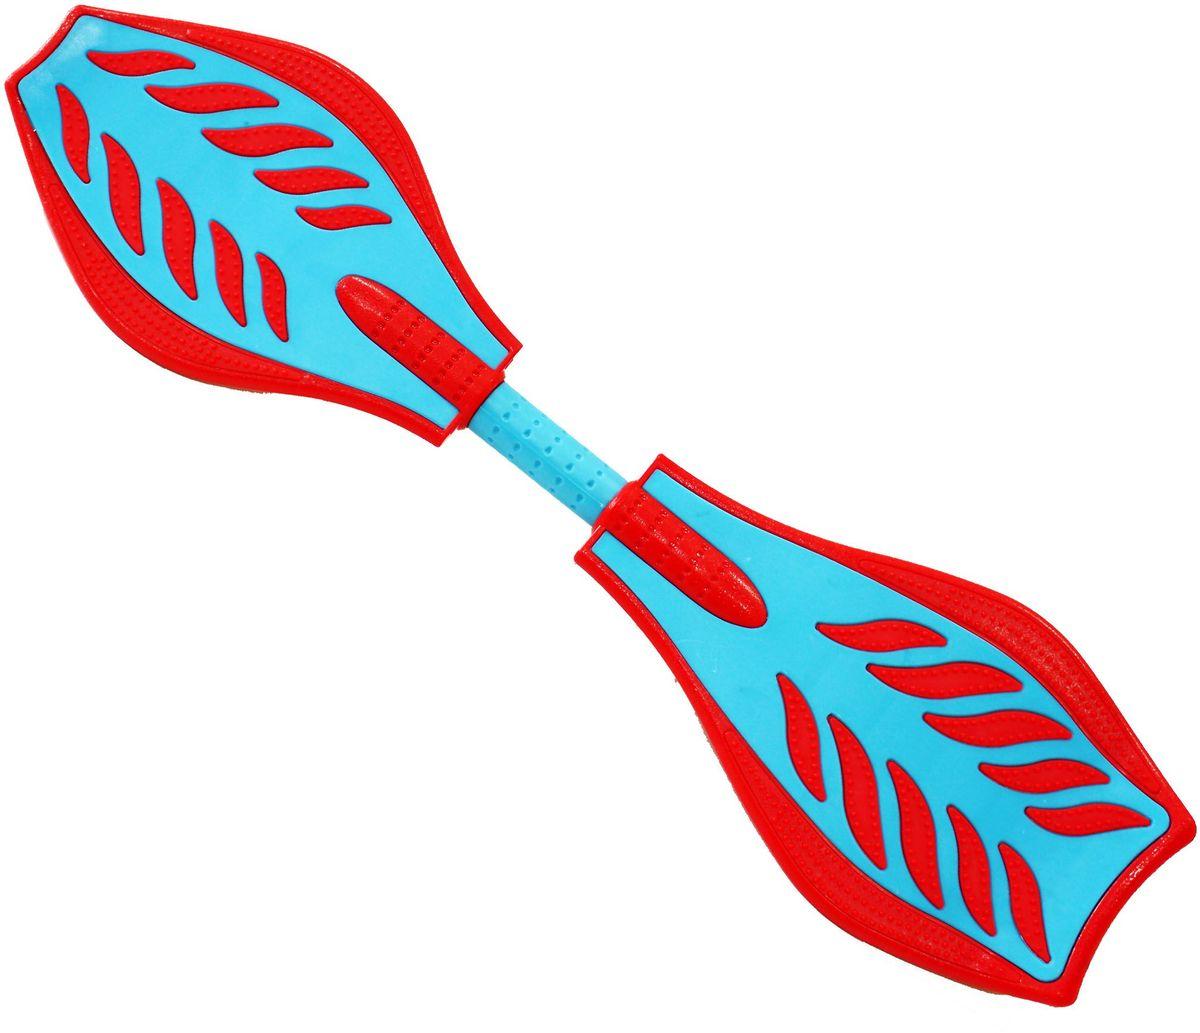 Роллерсерф Waveboard Bright, цвет: красно-синийGESS-131Габариты: 80 х 21 х 11 см.Вес: 2,4 кг.Максимальная нагрузка до 70 кг.База - ударопрочный ABS пластик.Подшипники - ABEC5.Колеса - полиуретан, 78см, 82А Конструкция - торсионная пружина.